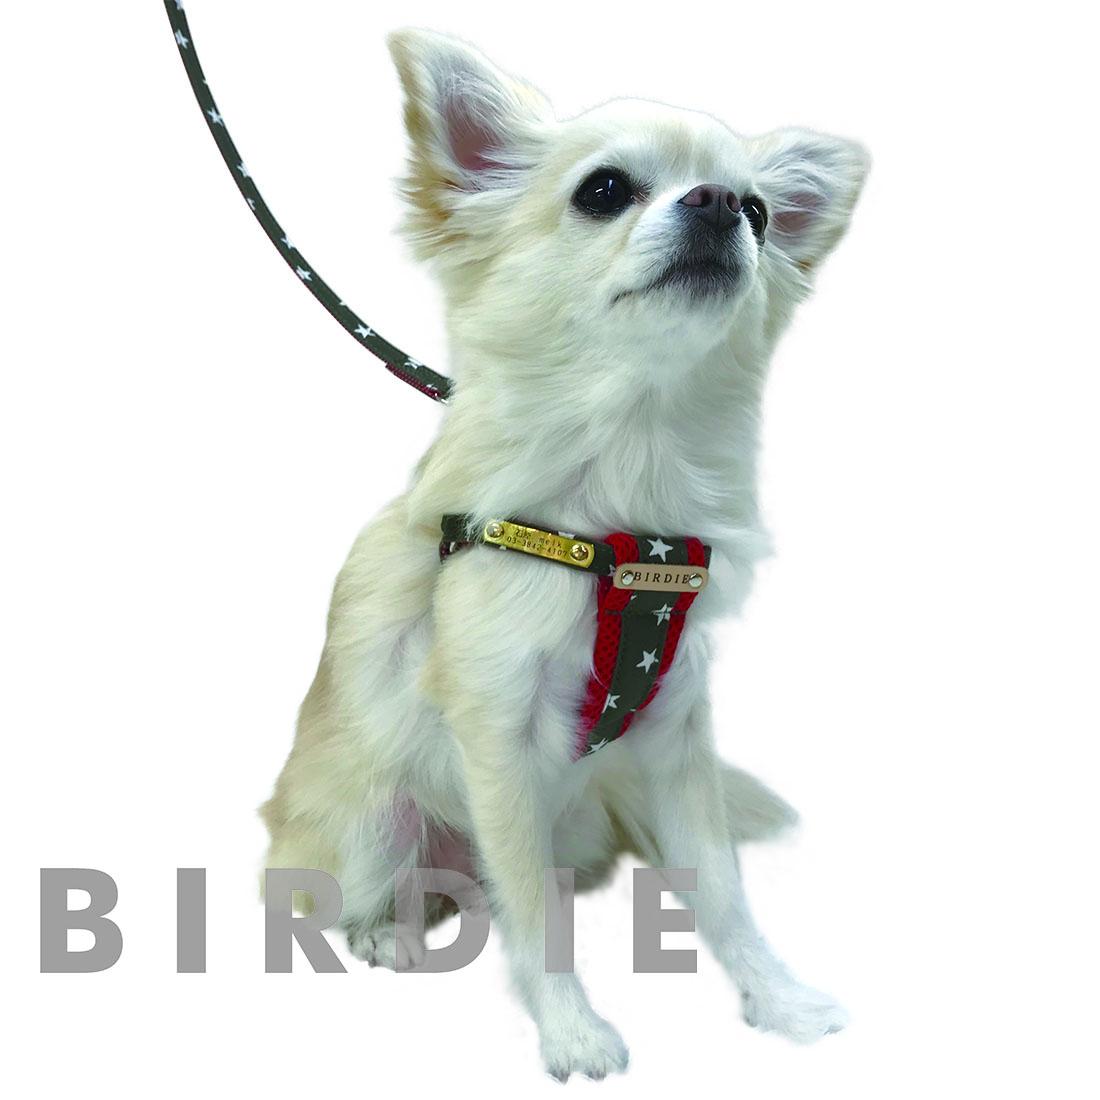 S スターデニムクッションIDハーネス【BIRDIE小型犬迷子防止ワンタッチバックル胴輪】